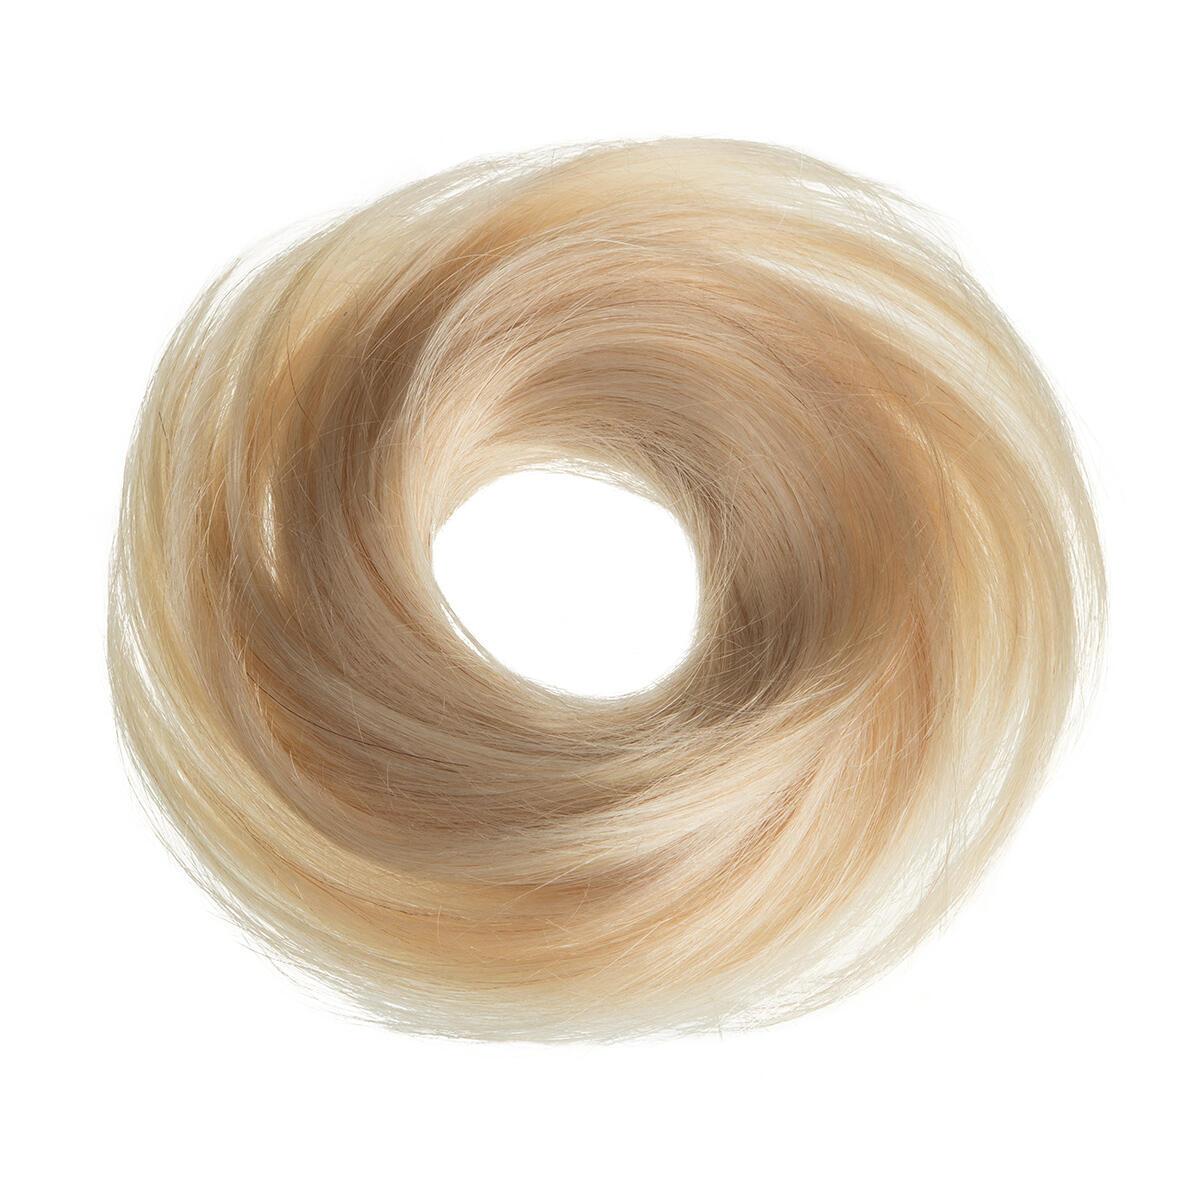 Hair Scrunchie 20 G